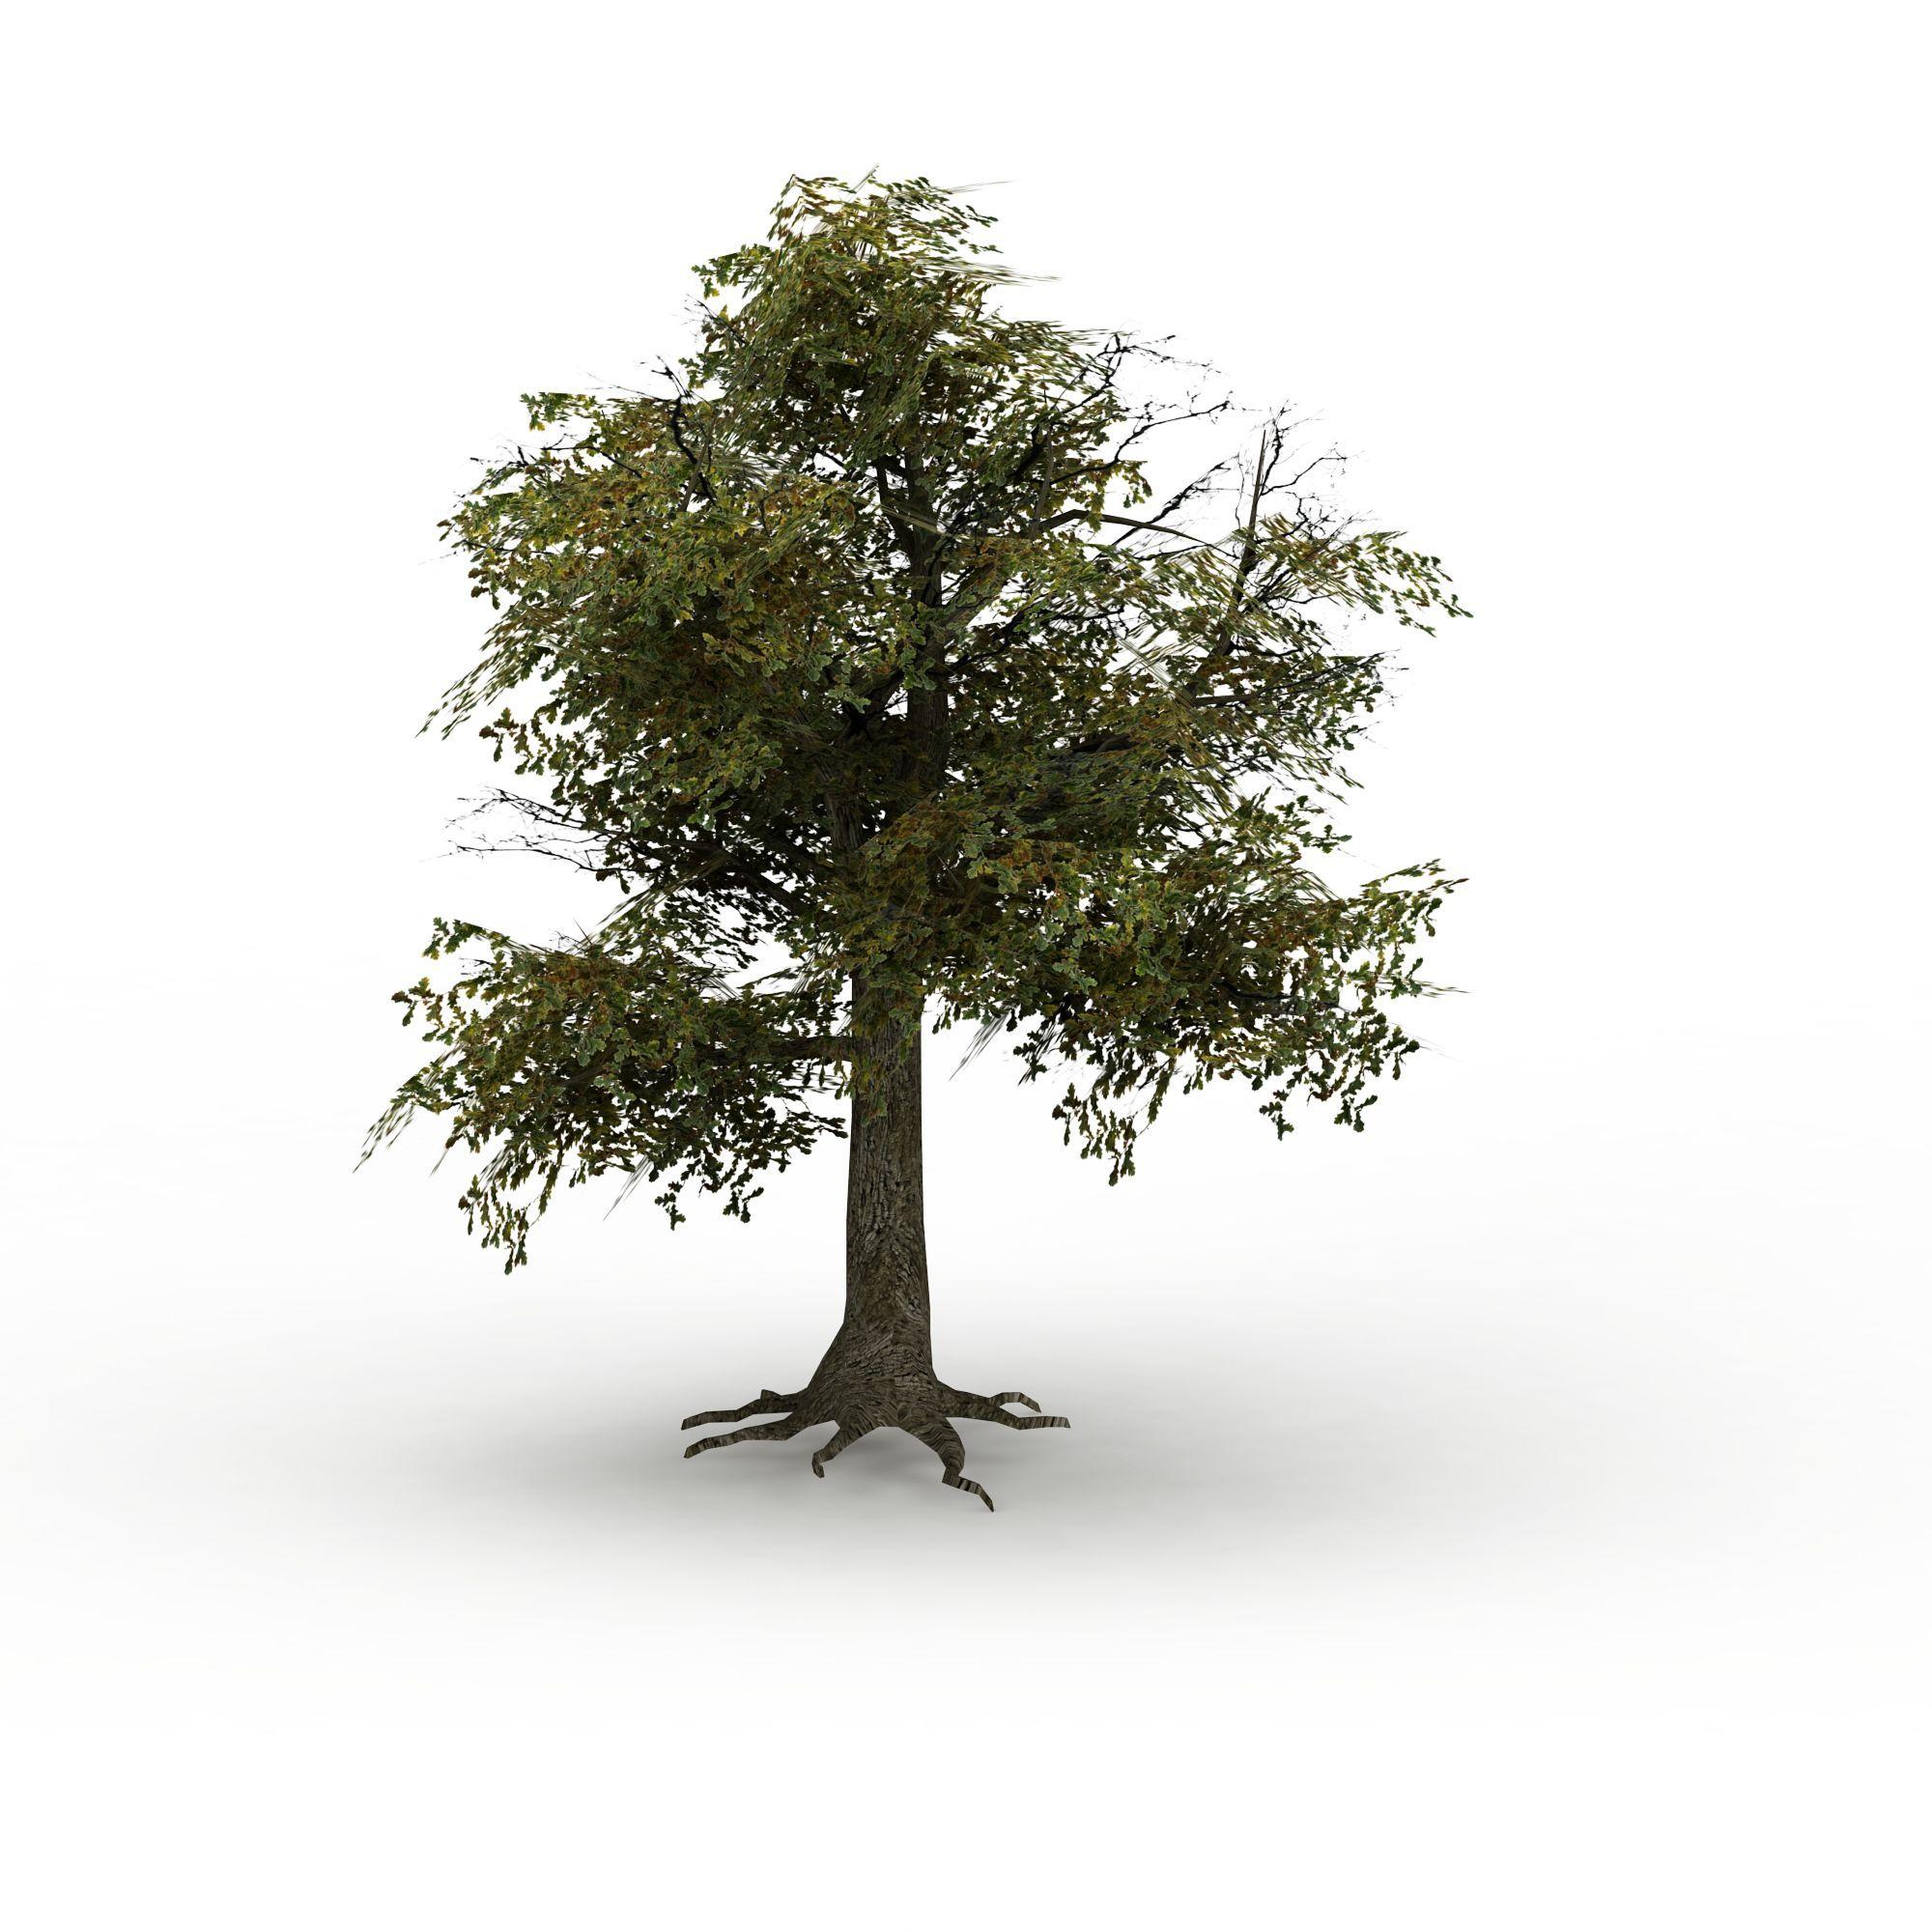 树木png高清图  树木高清图详情 设计师 3d学院 模型名称 树木3d模型